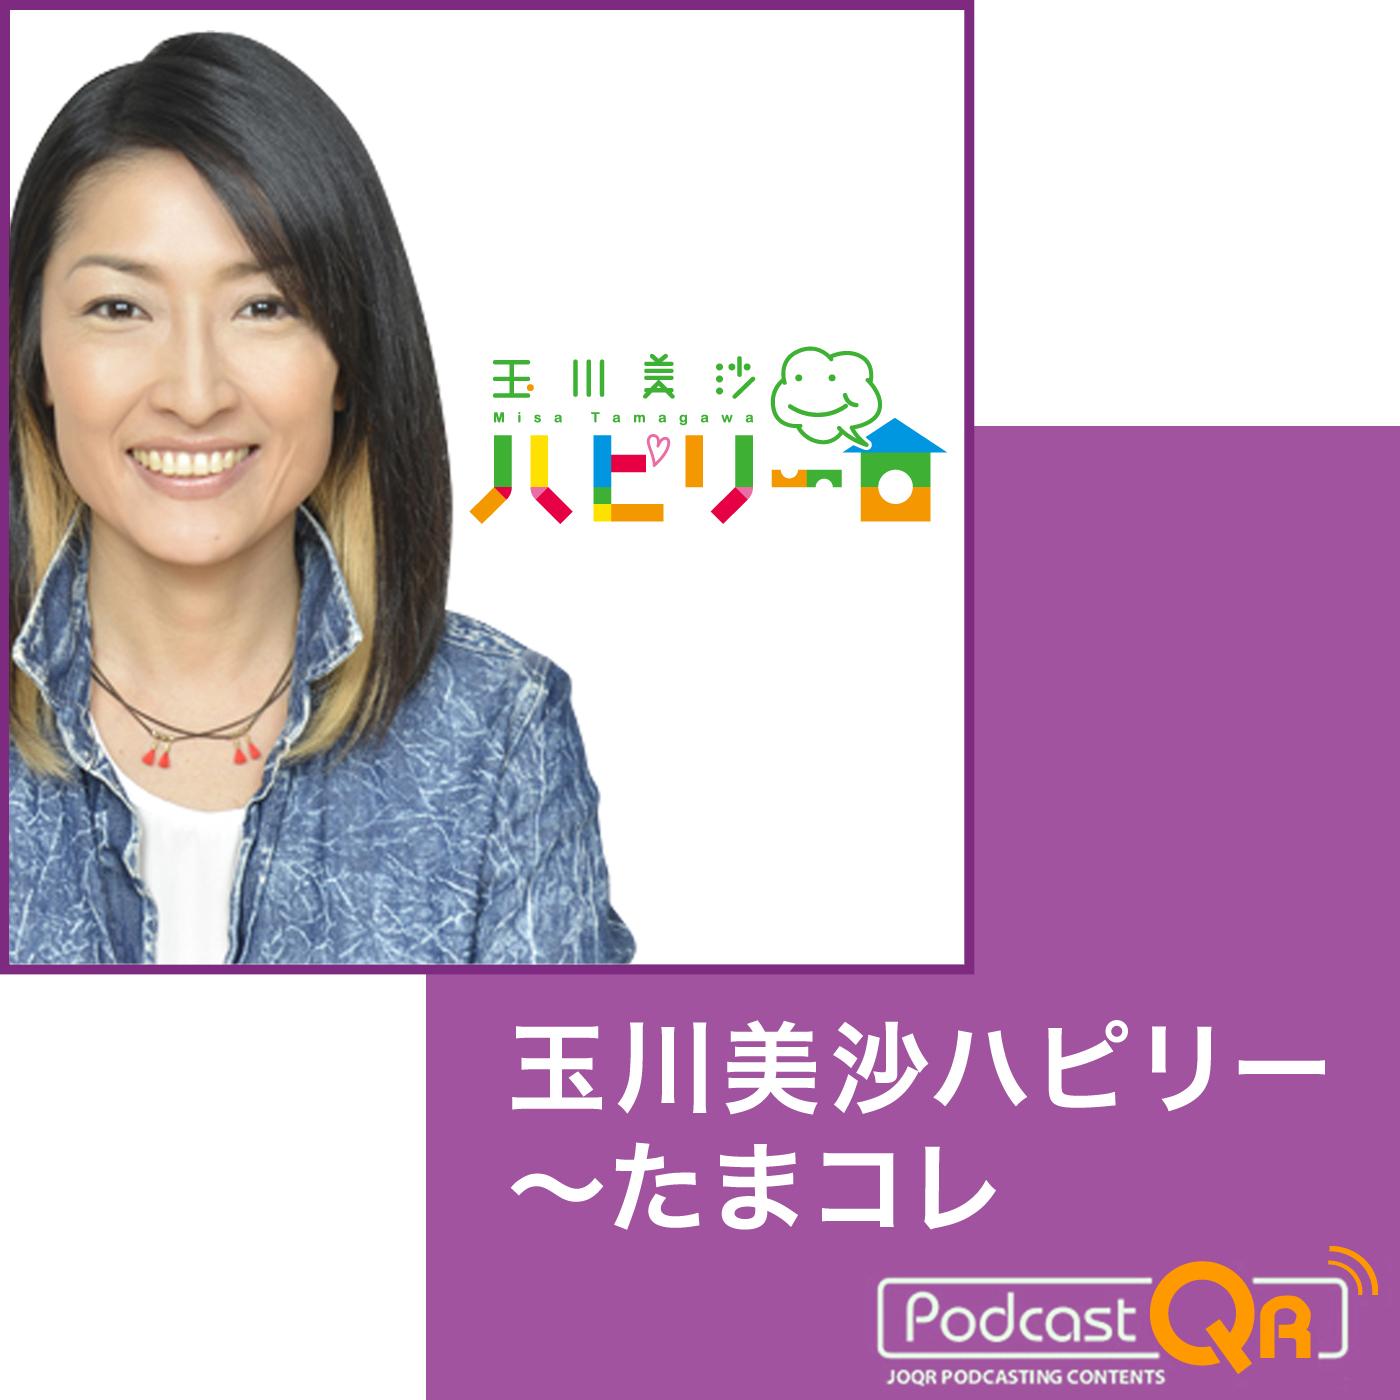 「玉川美沙ハピリー〜たまコレ」